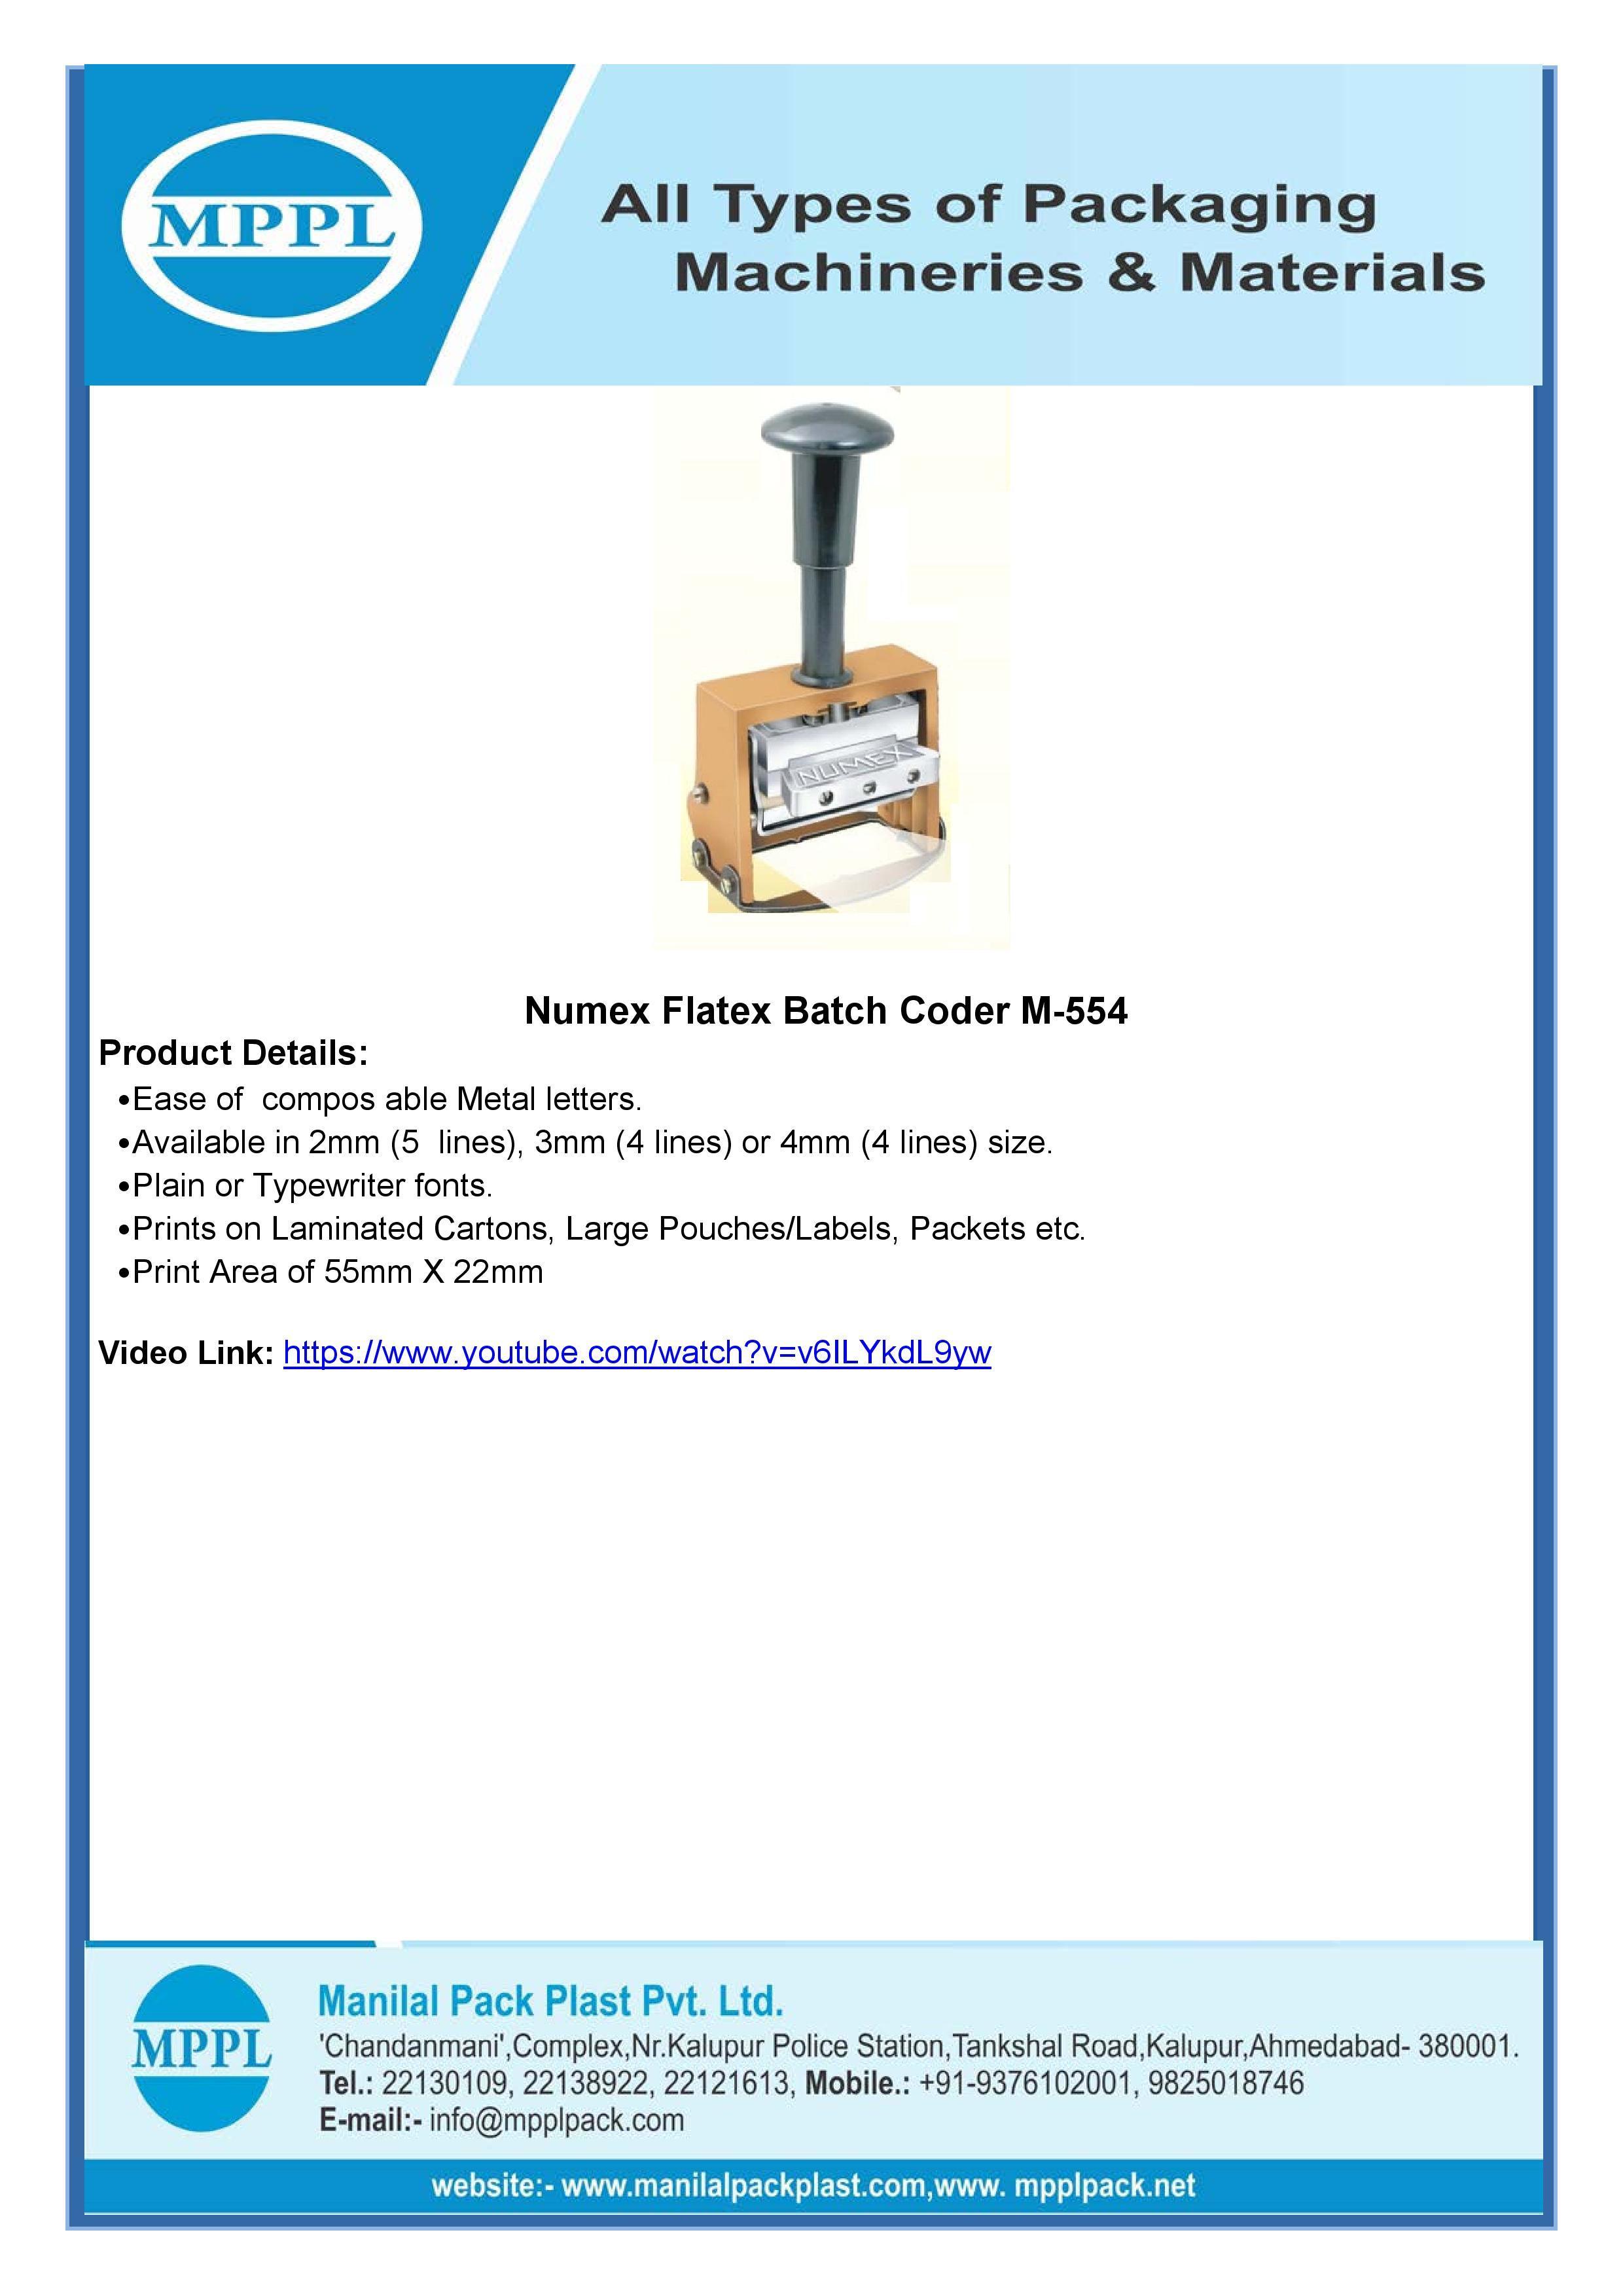 Numex Flatex Batch Coder M-554